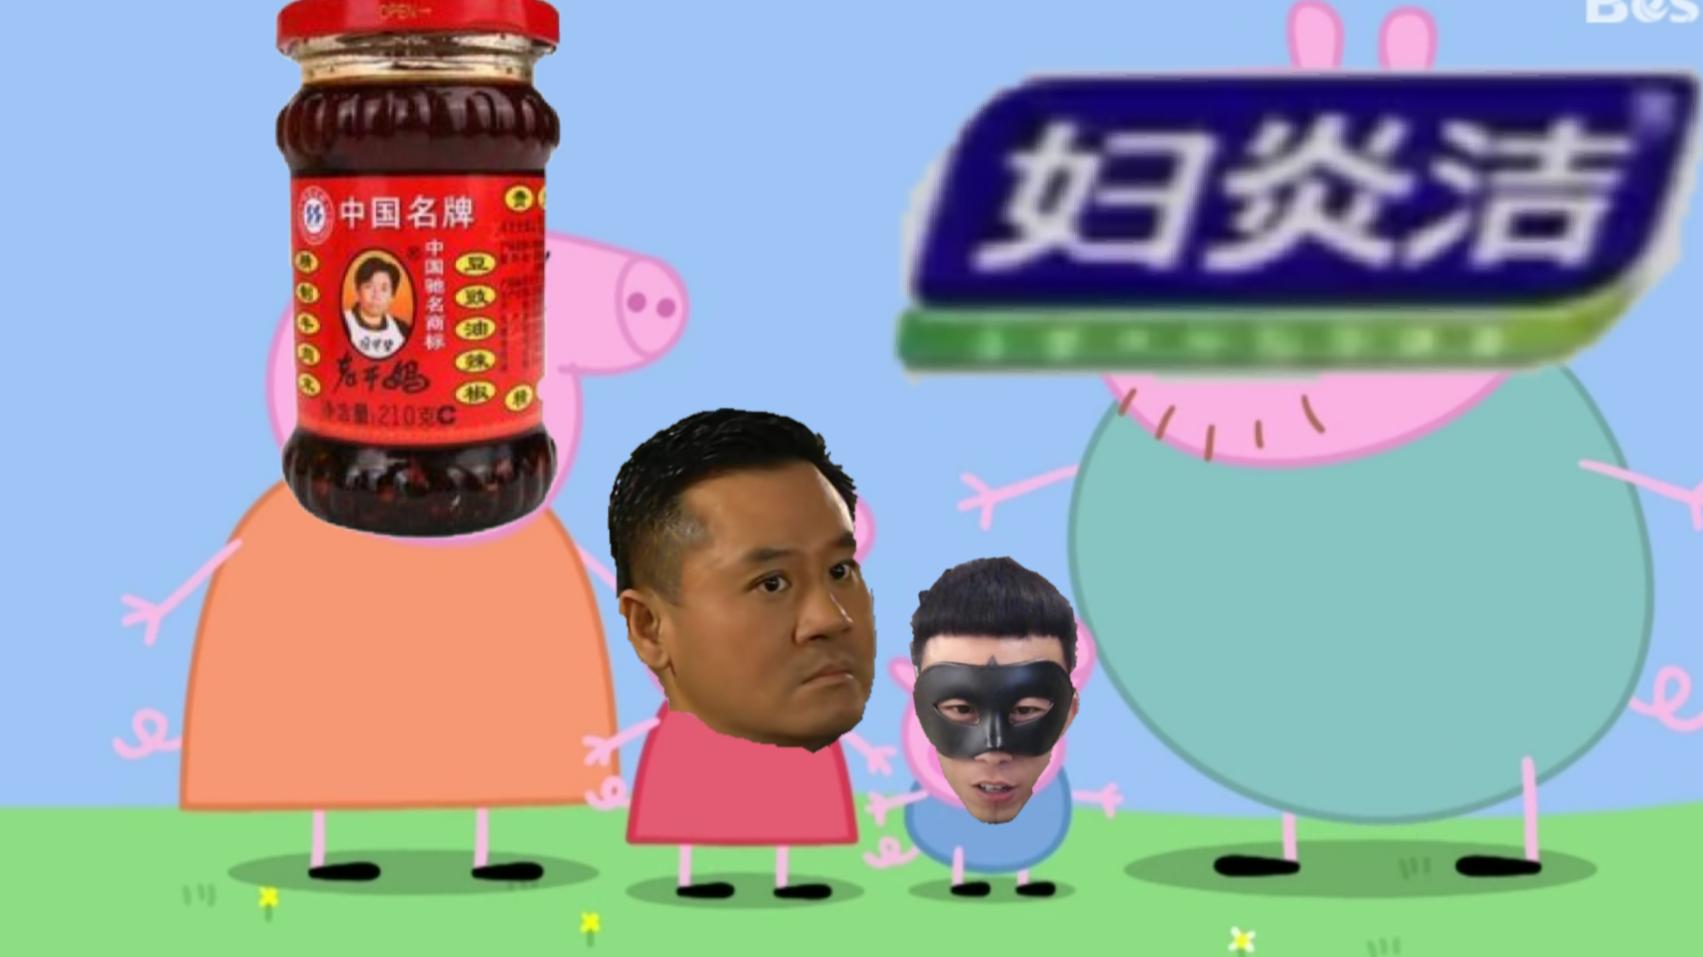 【鬼畜配音】小猪佩奇/老八的臭豆腐丢了。